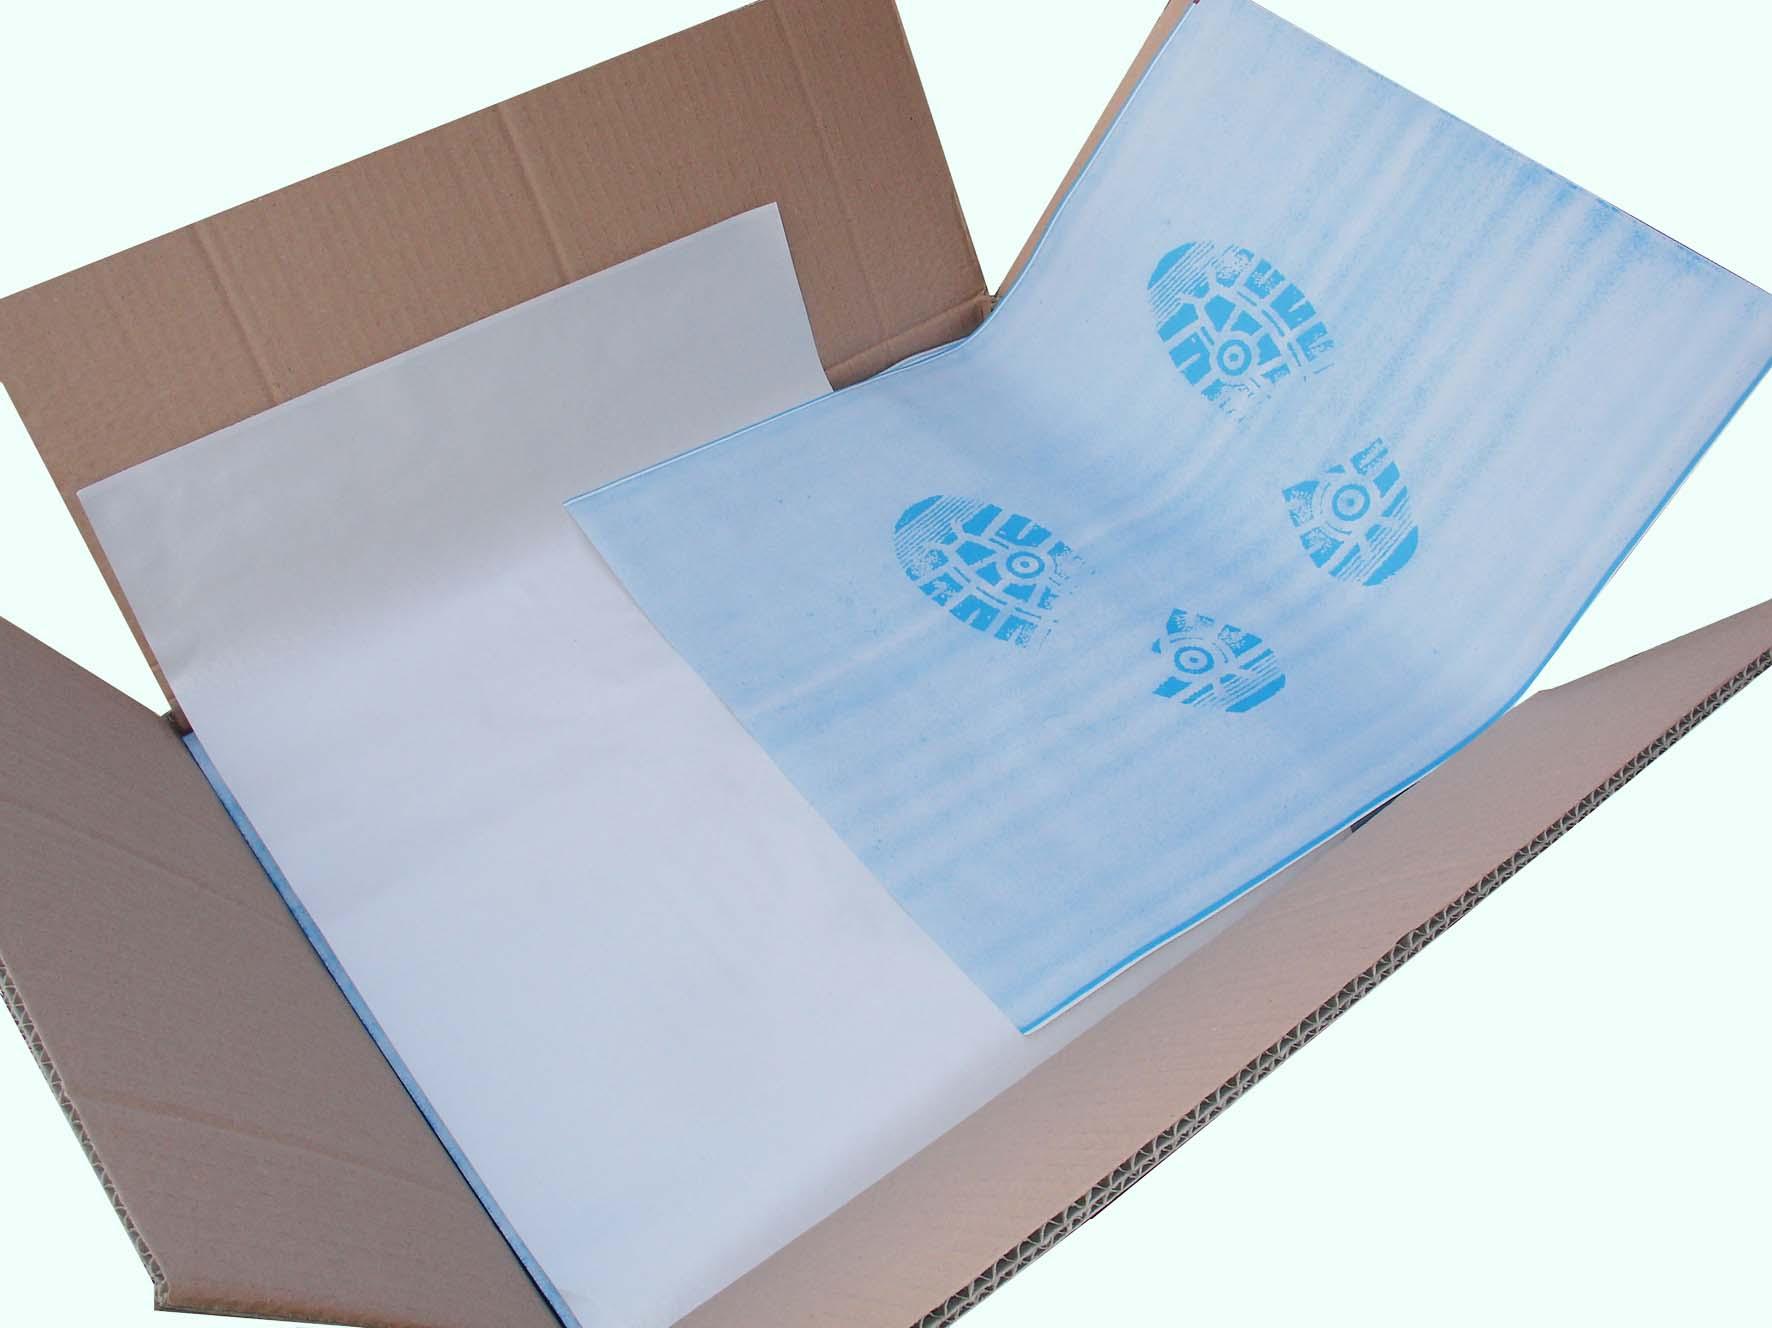 Коврики под ноги бумажные белые, в пачке 500 шт.